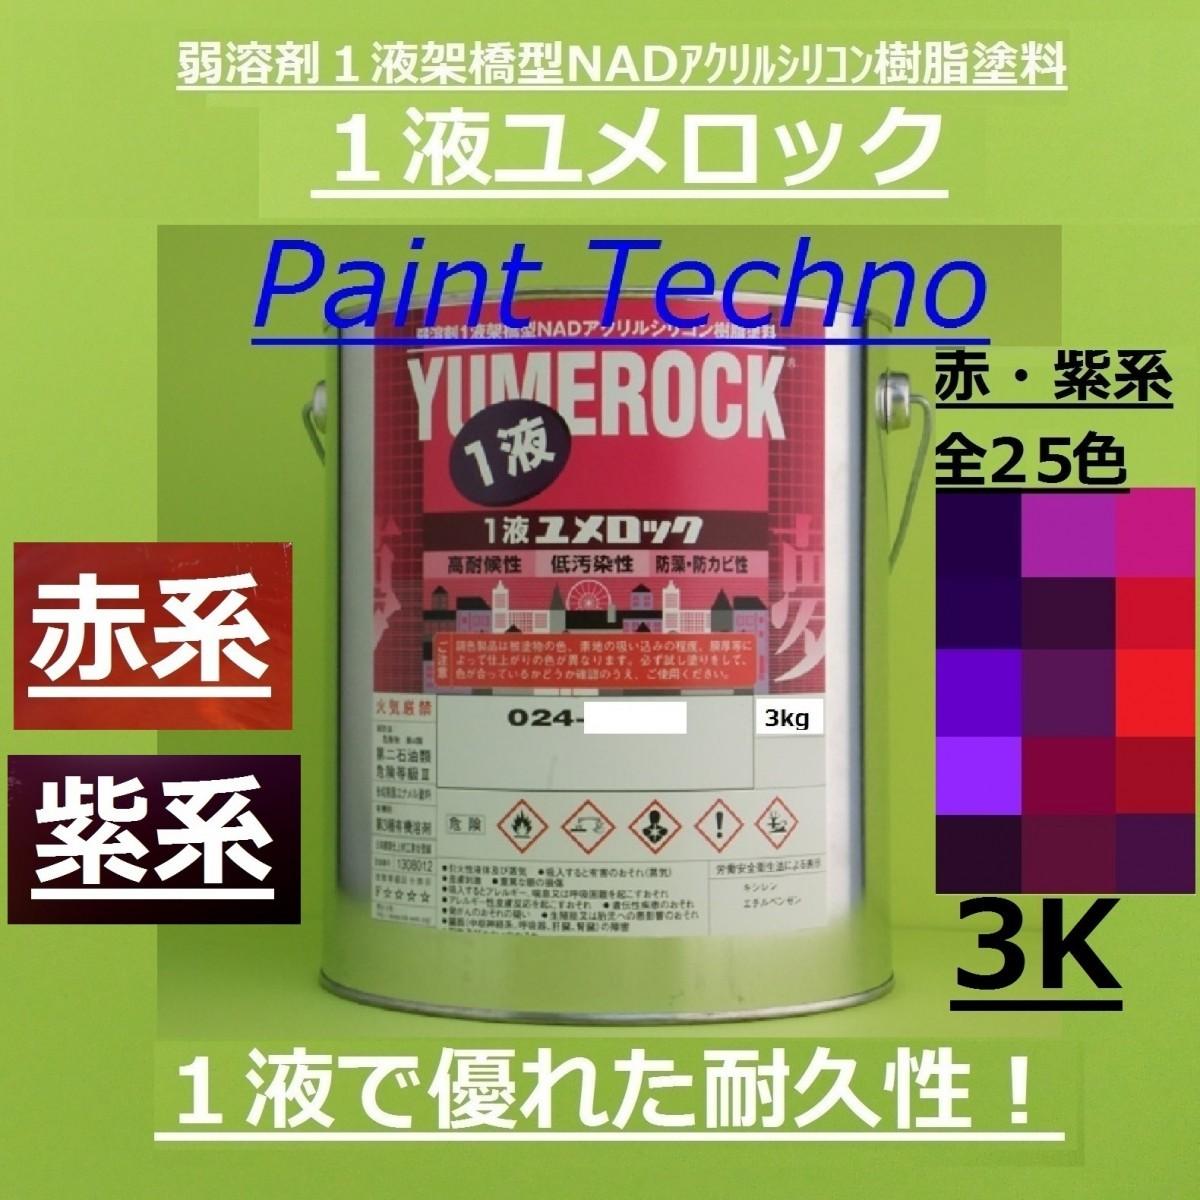 ロックペイント 1液ユメロック 赤・紫系 3kg 塗料 外壁 建築 鉄部 屋根